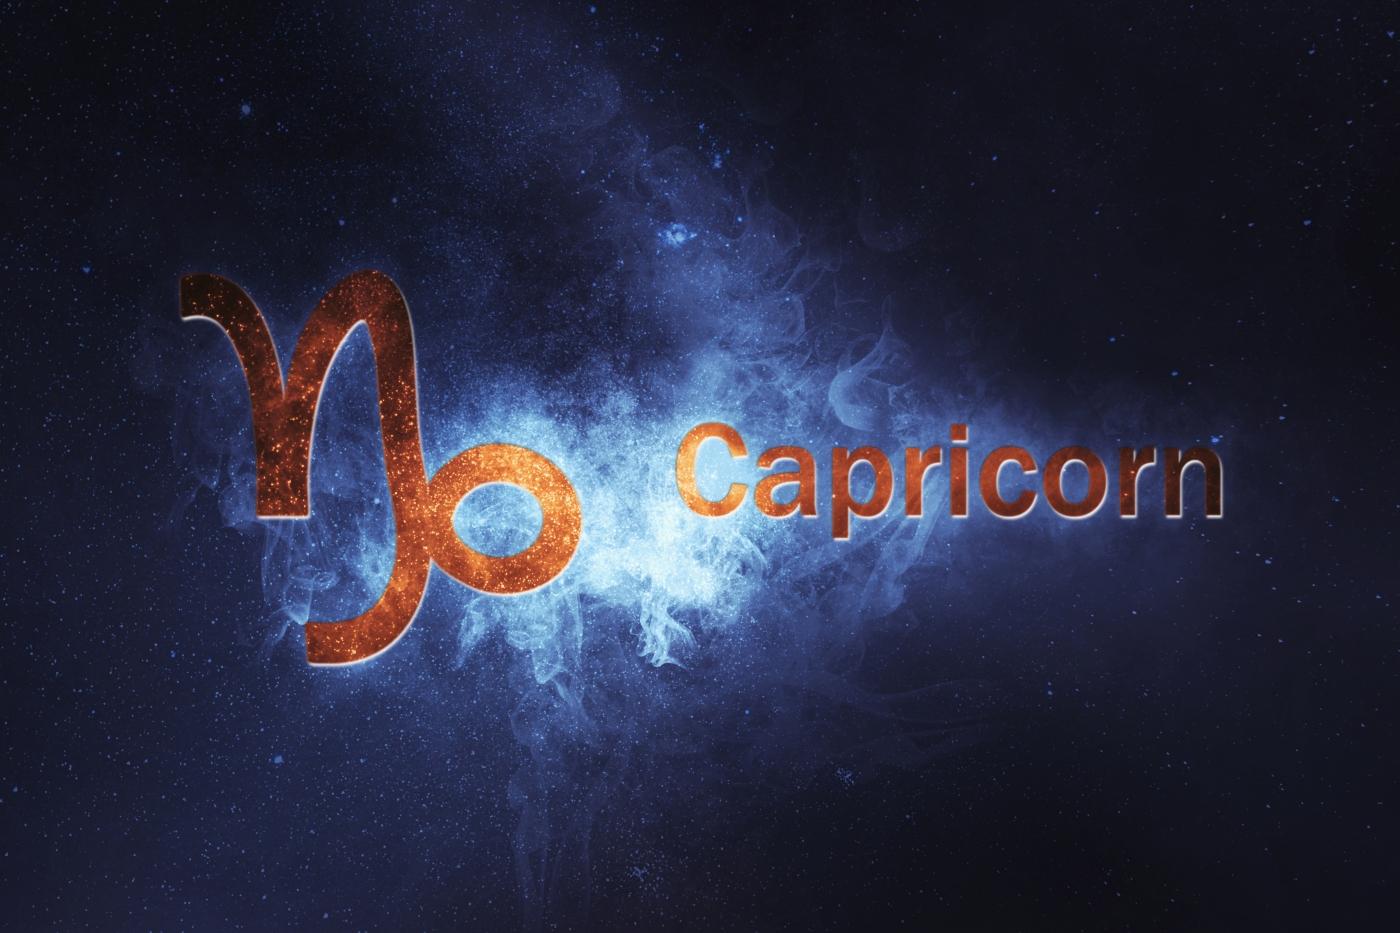 capricorn super powers, capricorn superpowers, capricorn psychic, capricorn psychic abilities, capricorn abilities